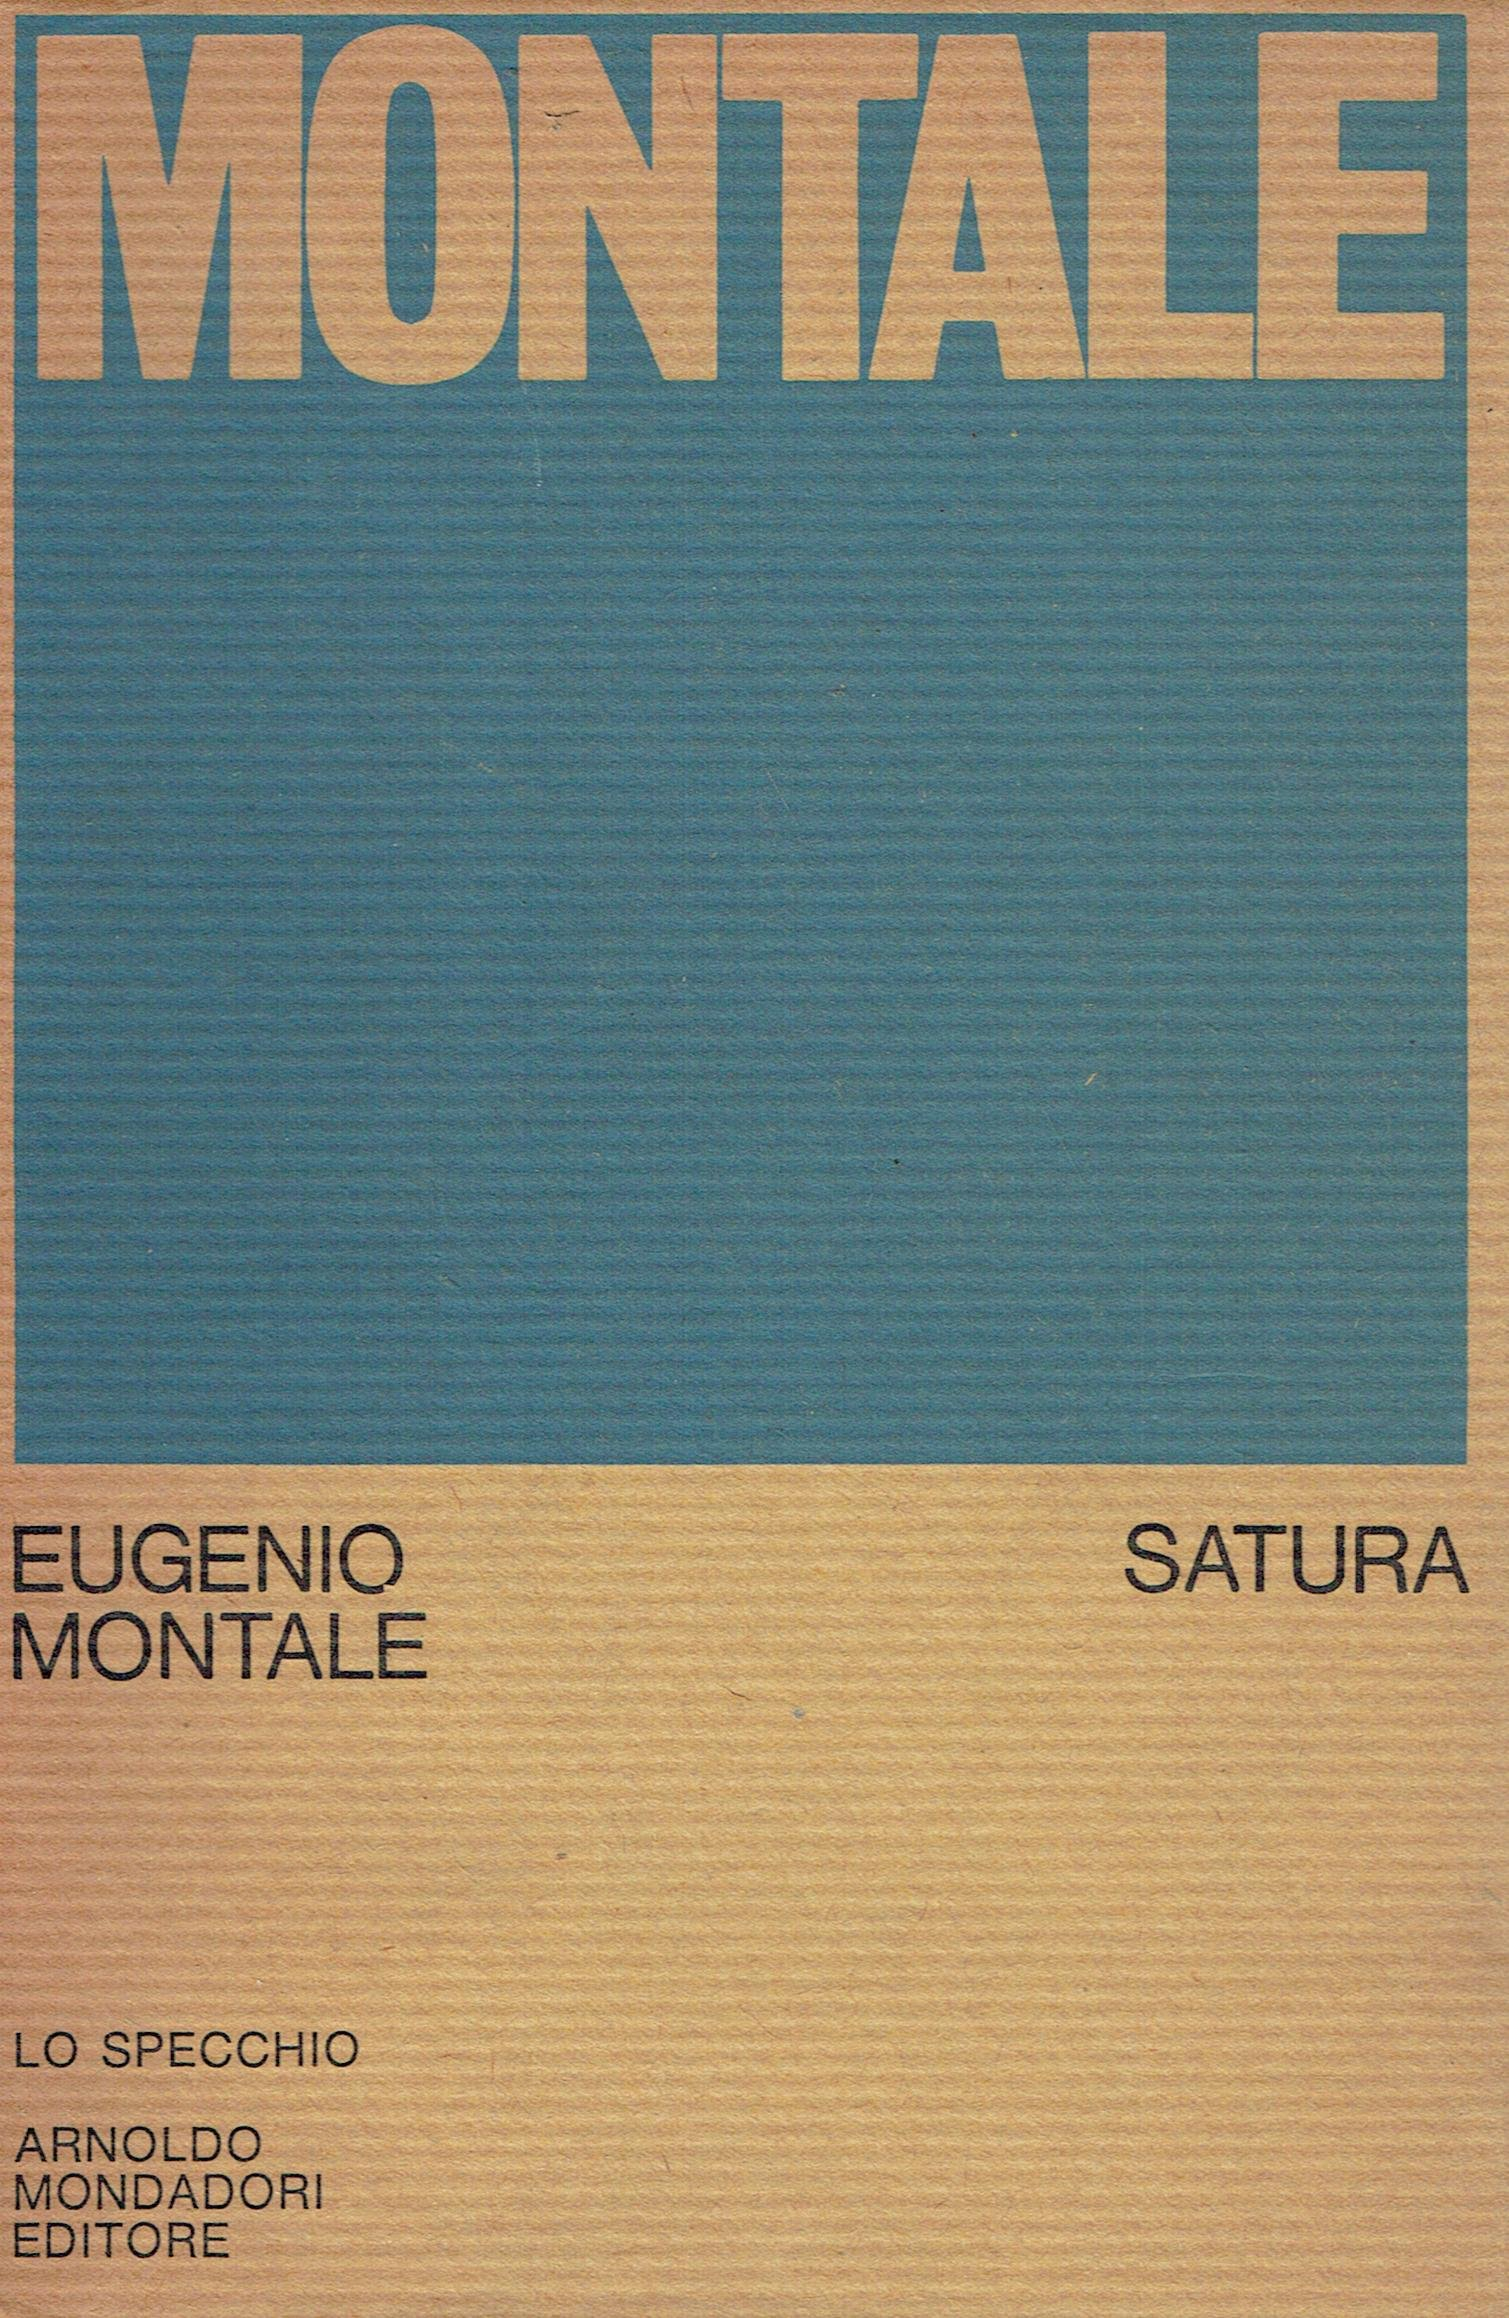 Eugenio Montale, Nel silenzio